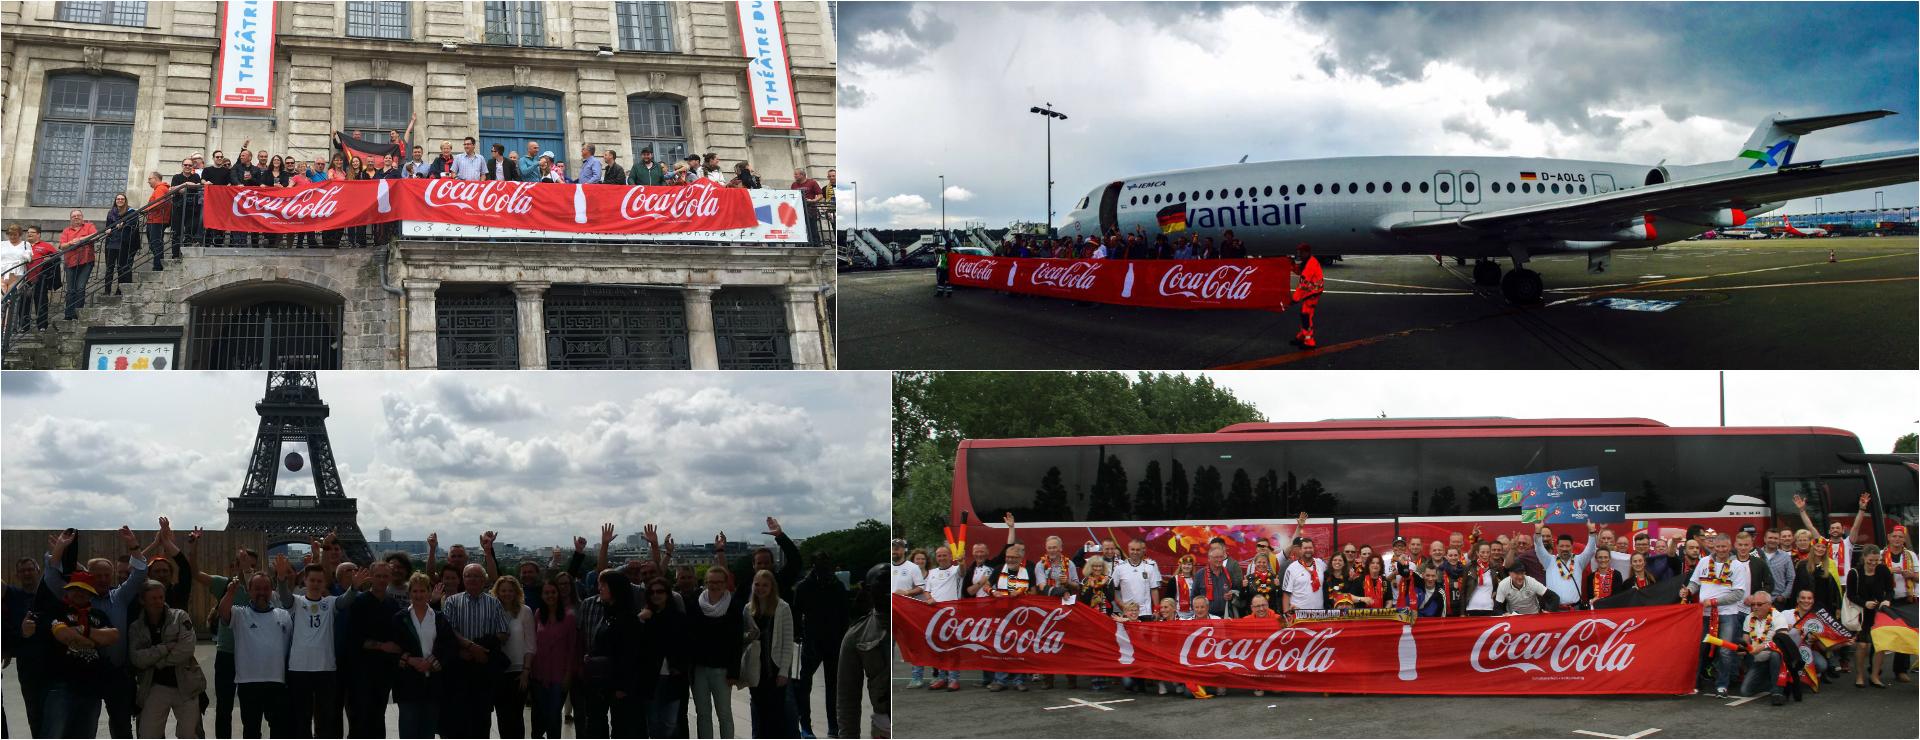 Agentur W-com organisiert einmalige Reisen zur UEFA EURO 2016™ nach Frankreich